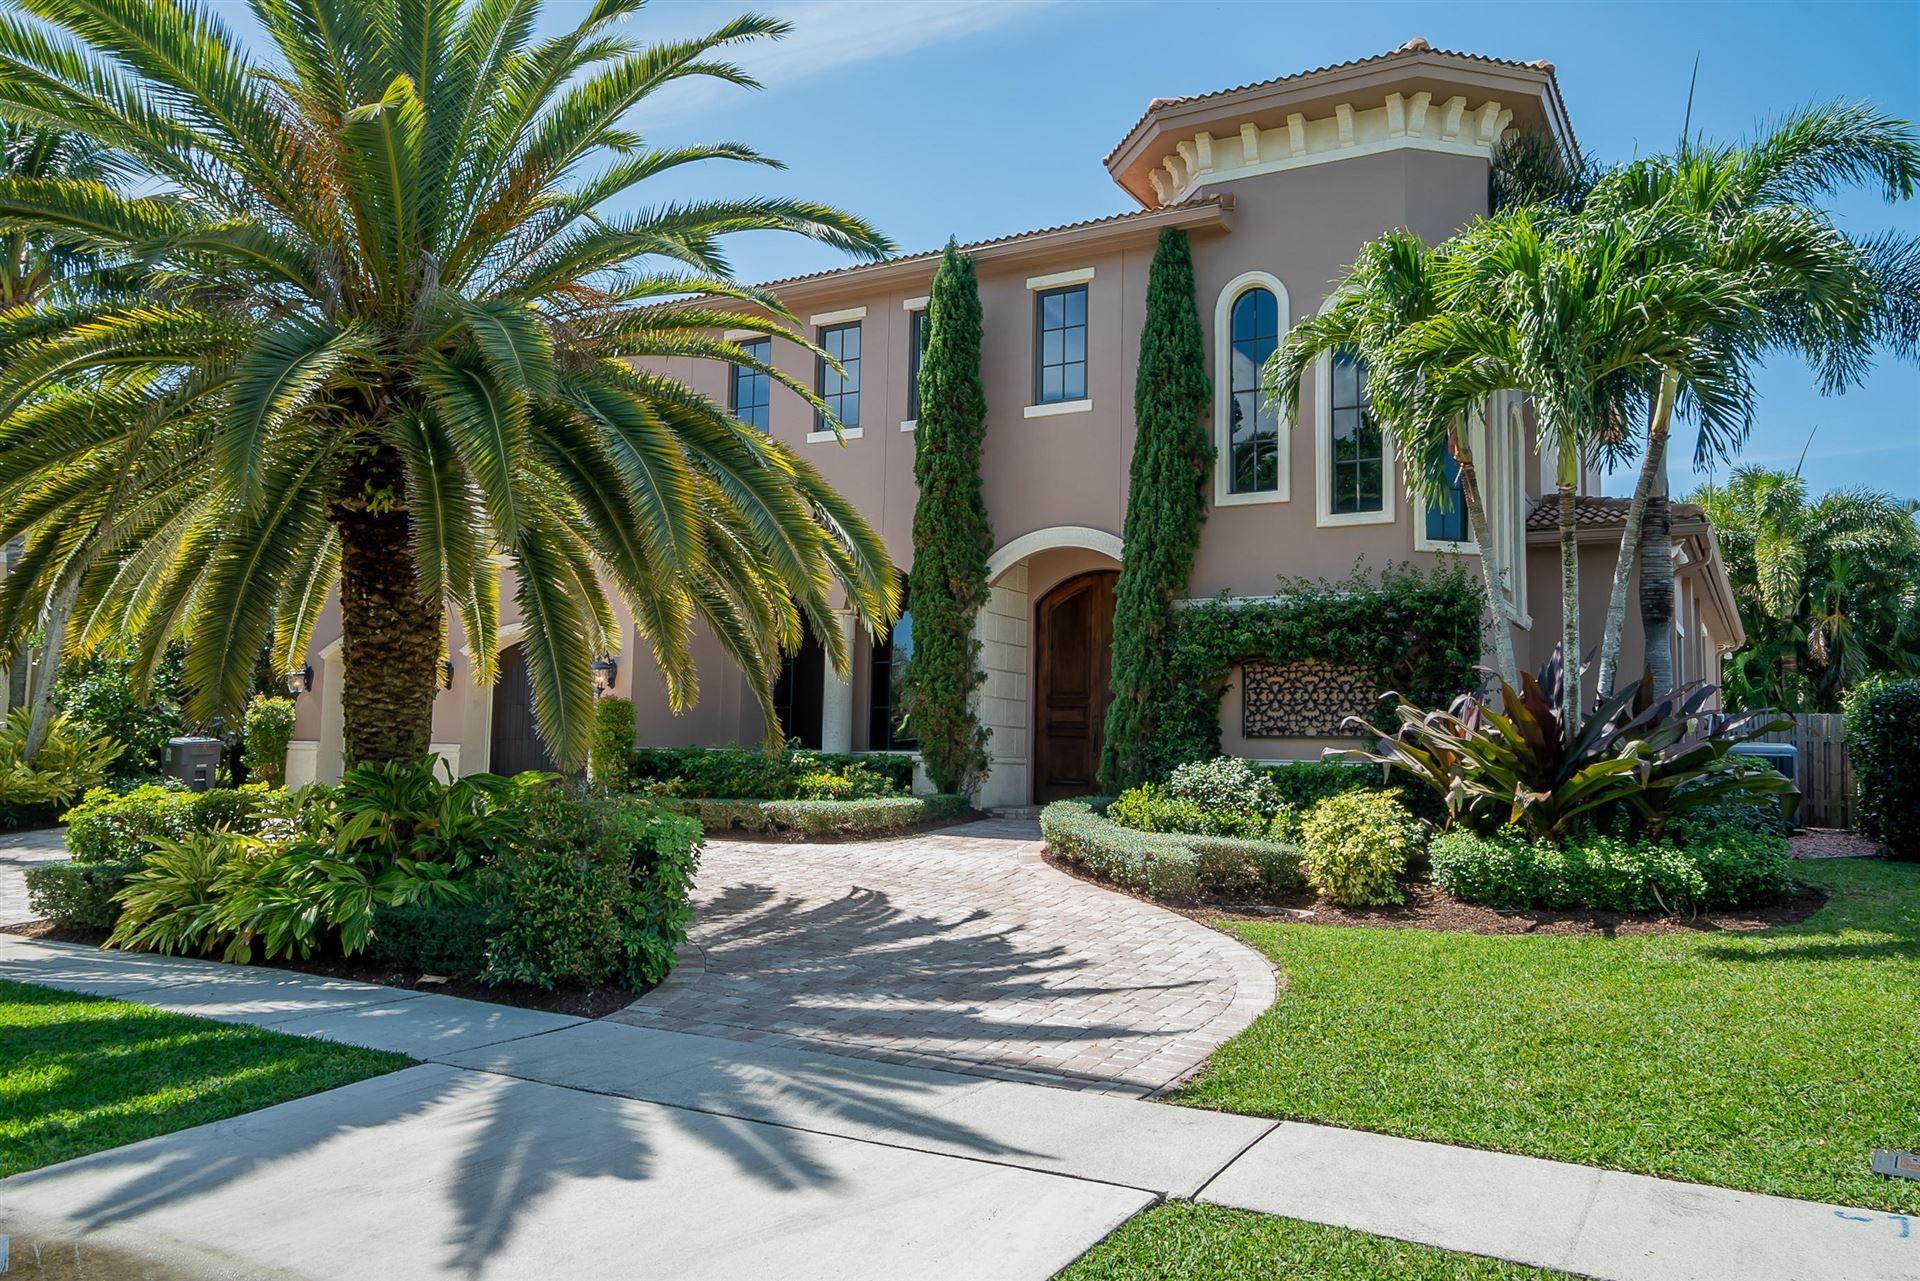 7568 Chester Terrace, Boca Raton, FL 33433 - #: RX-10631767